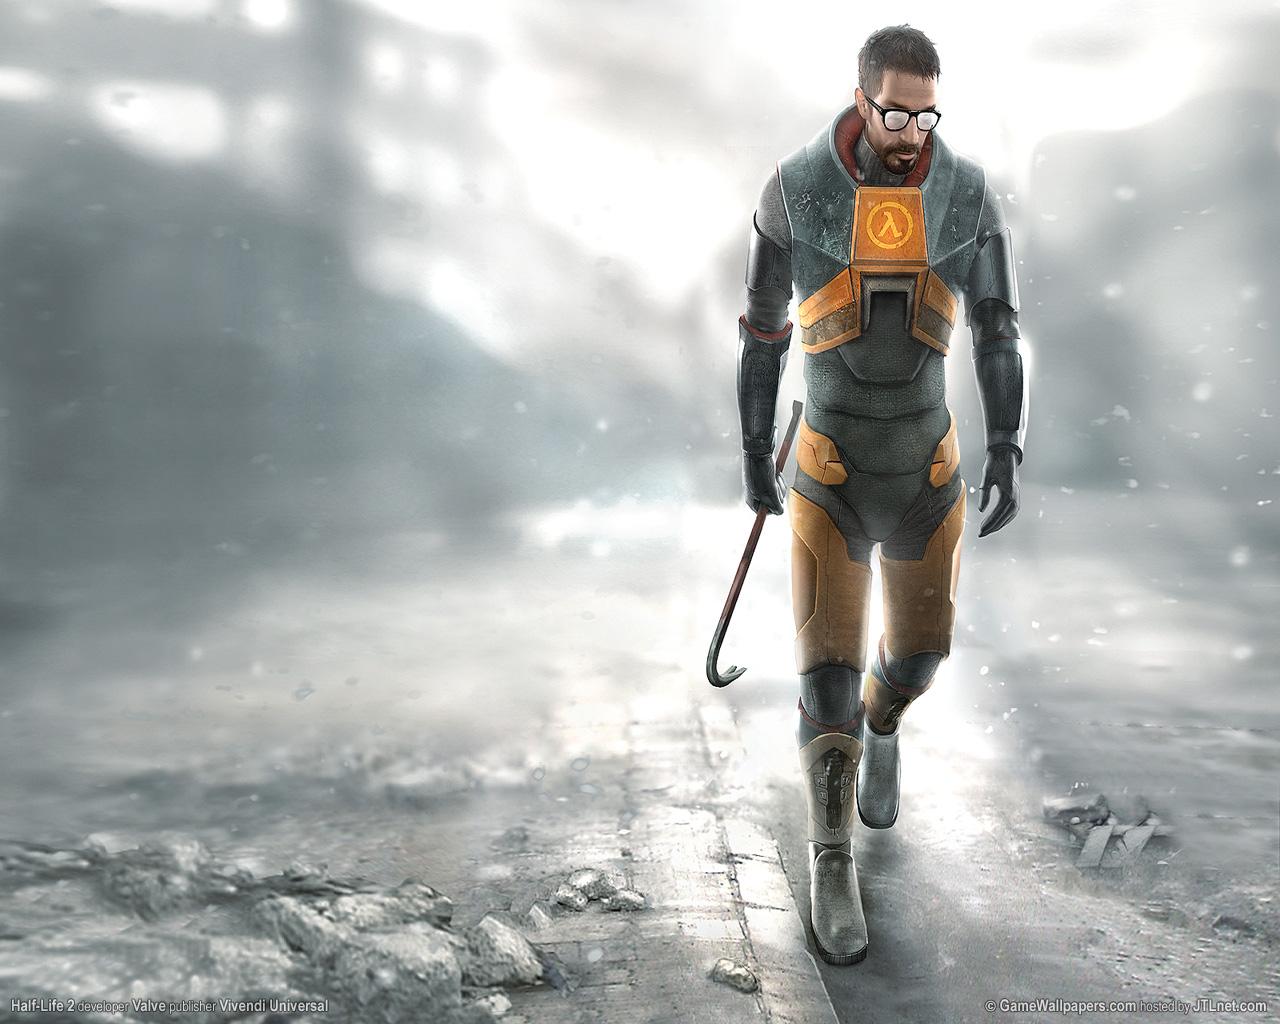 Por fin llega Half Life 2 Ep. tre… a no, solo es otro corto hecho por fans [Fan Made]